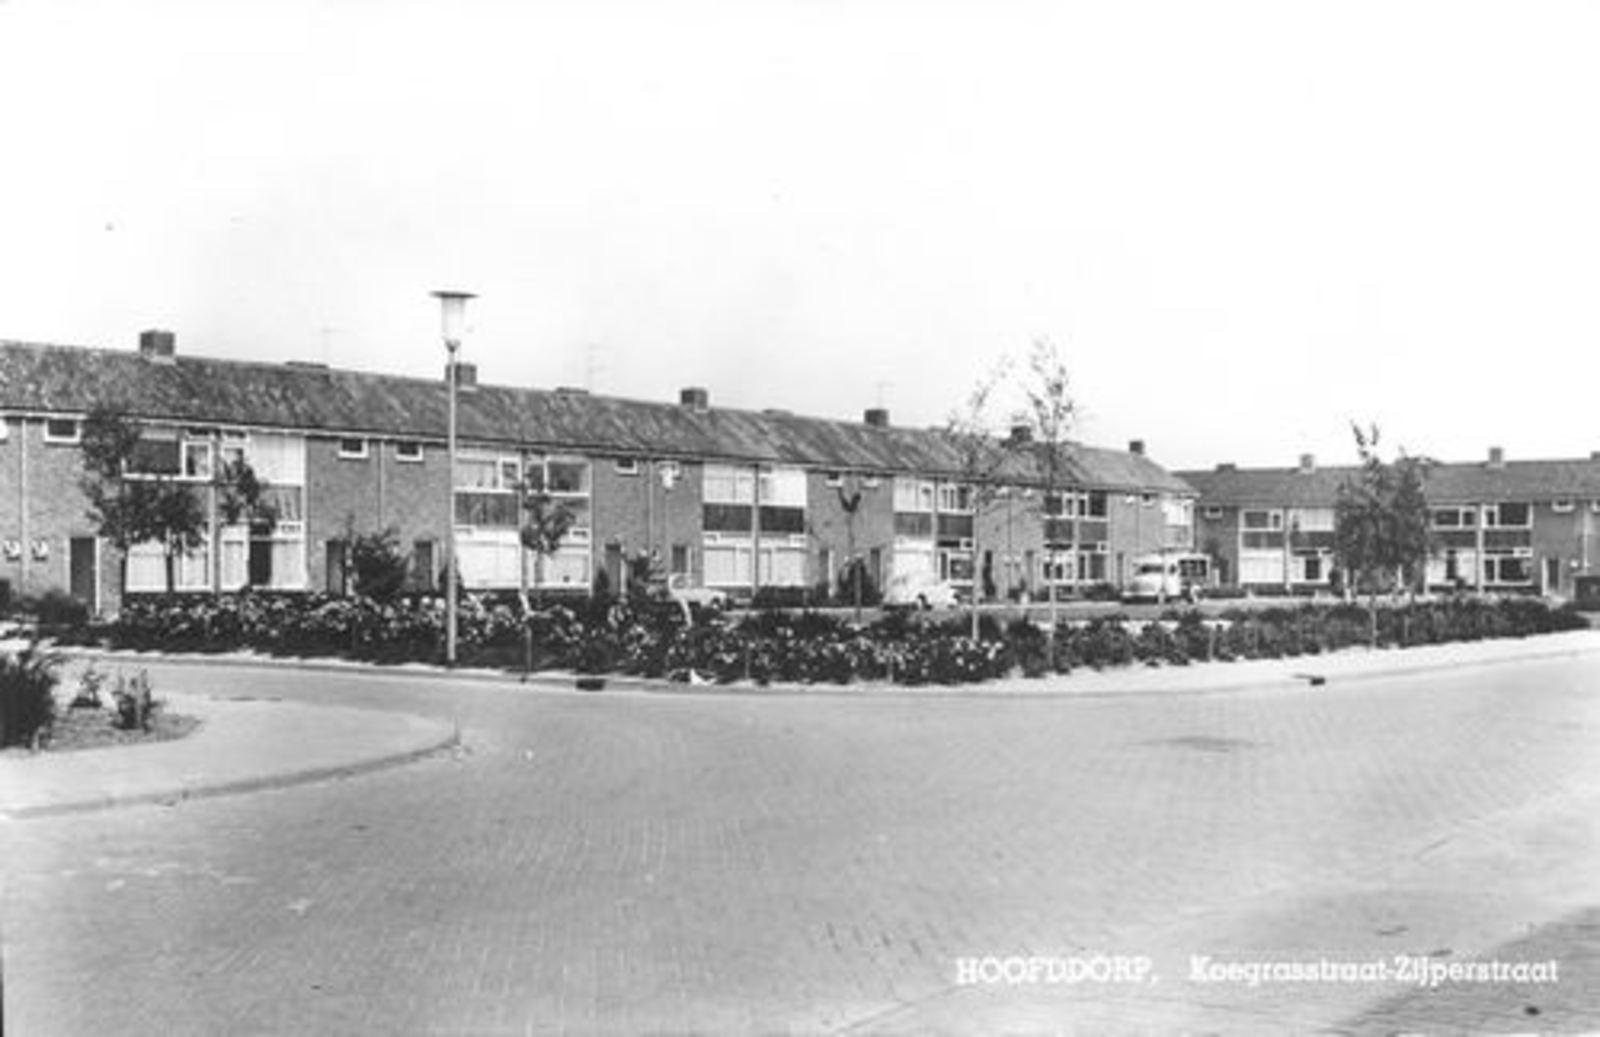 Koegrasstraat Zijpestraat 1967